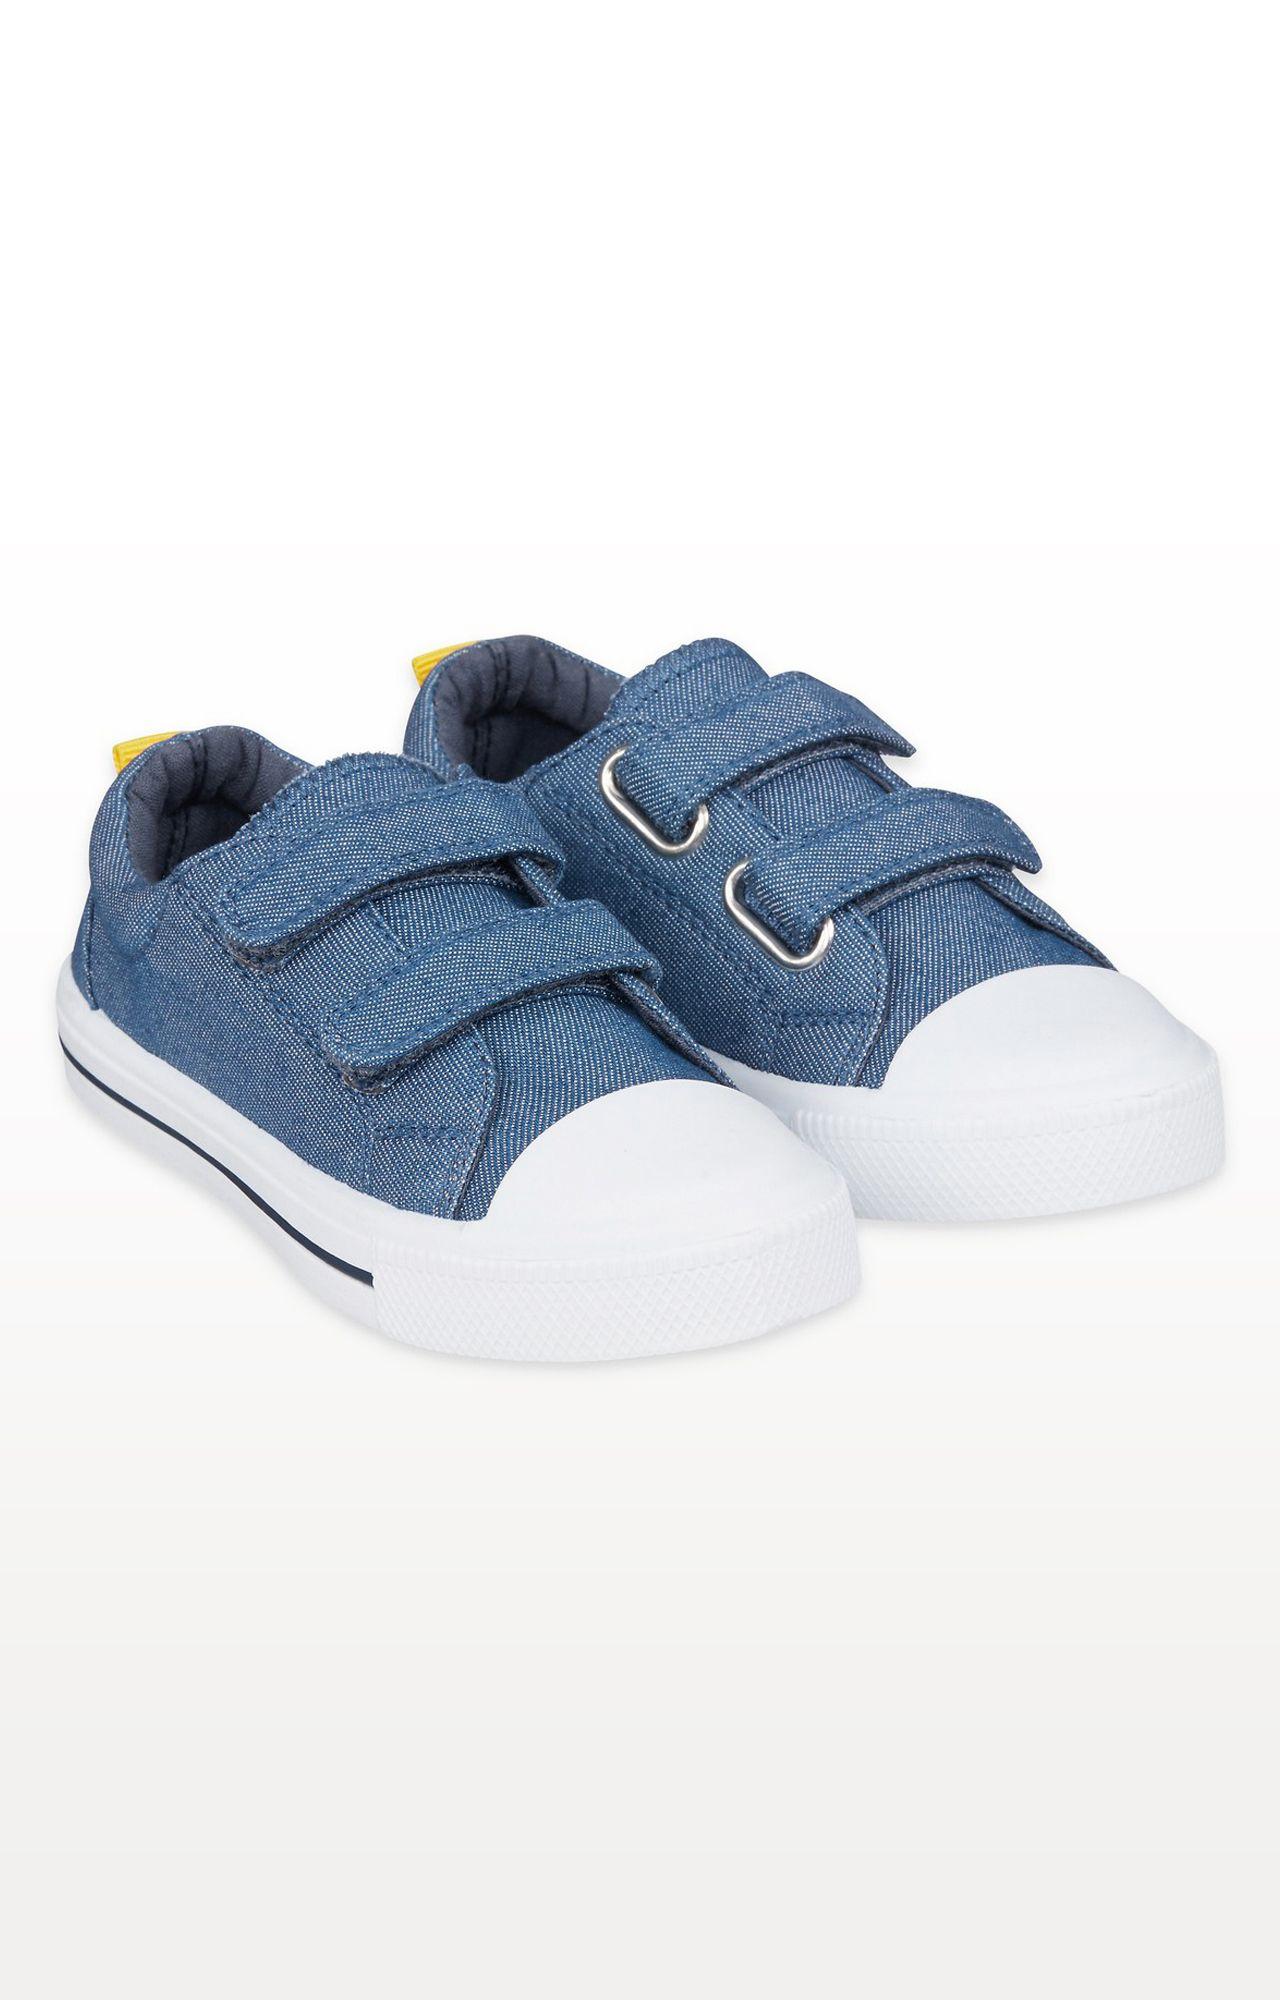 Mothercare   Denim Blue Canvas Shoes